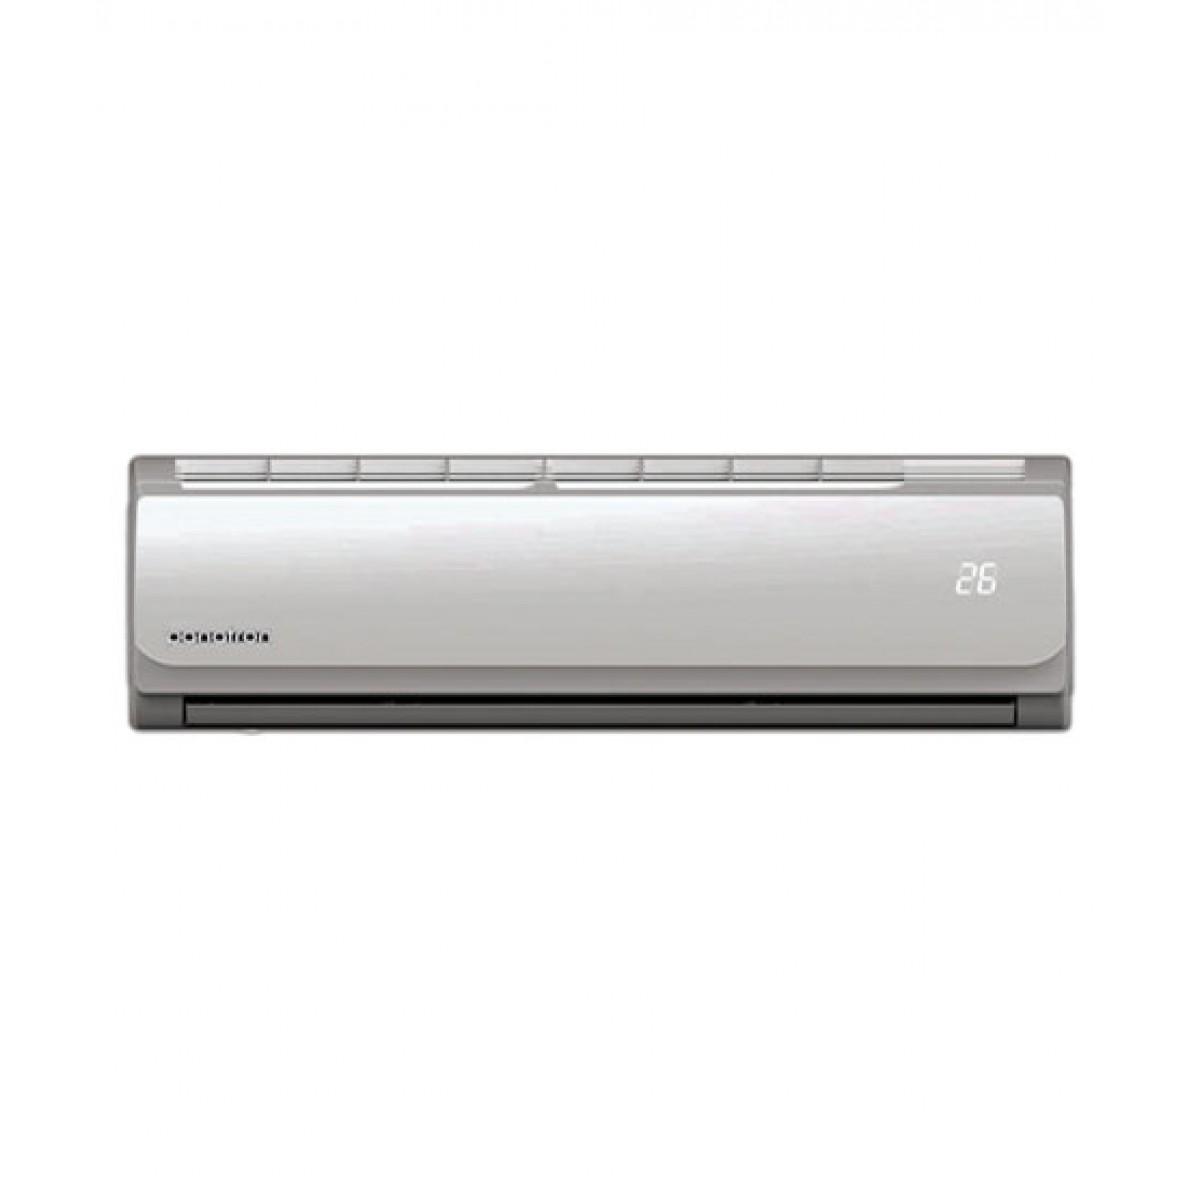 Large Appliances Air Conditioners Panatron Split AC PS 18 1.5 Ton #252423